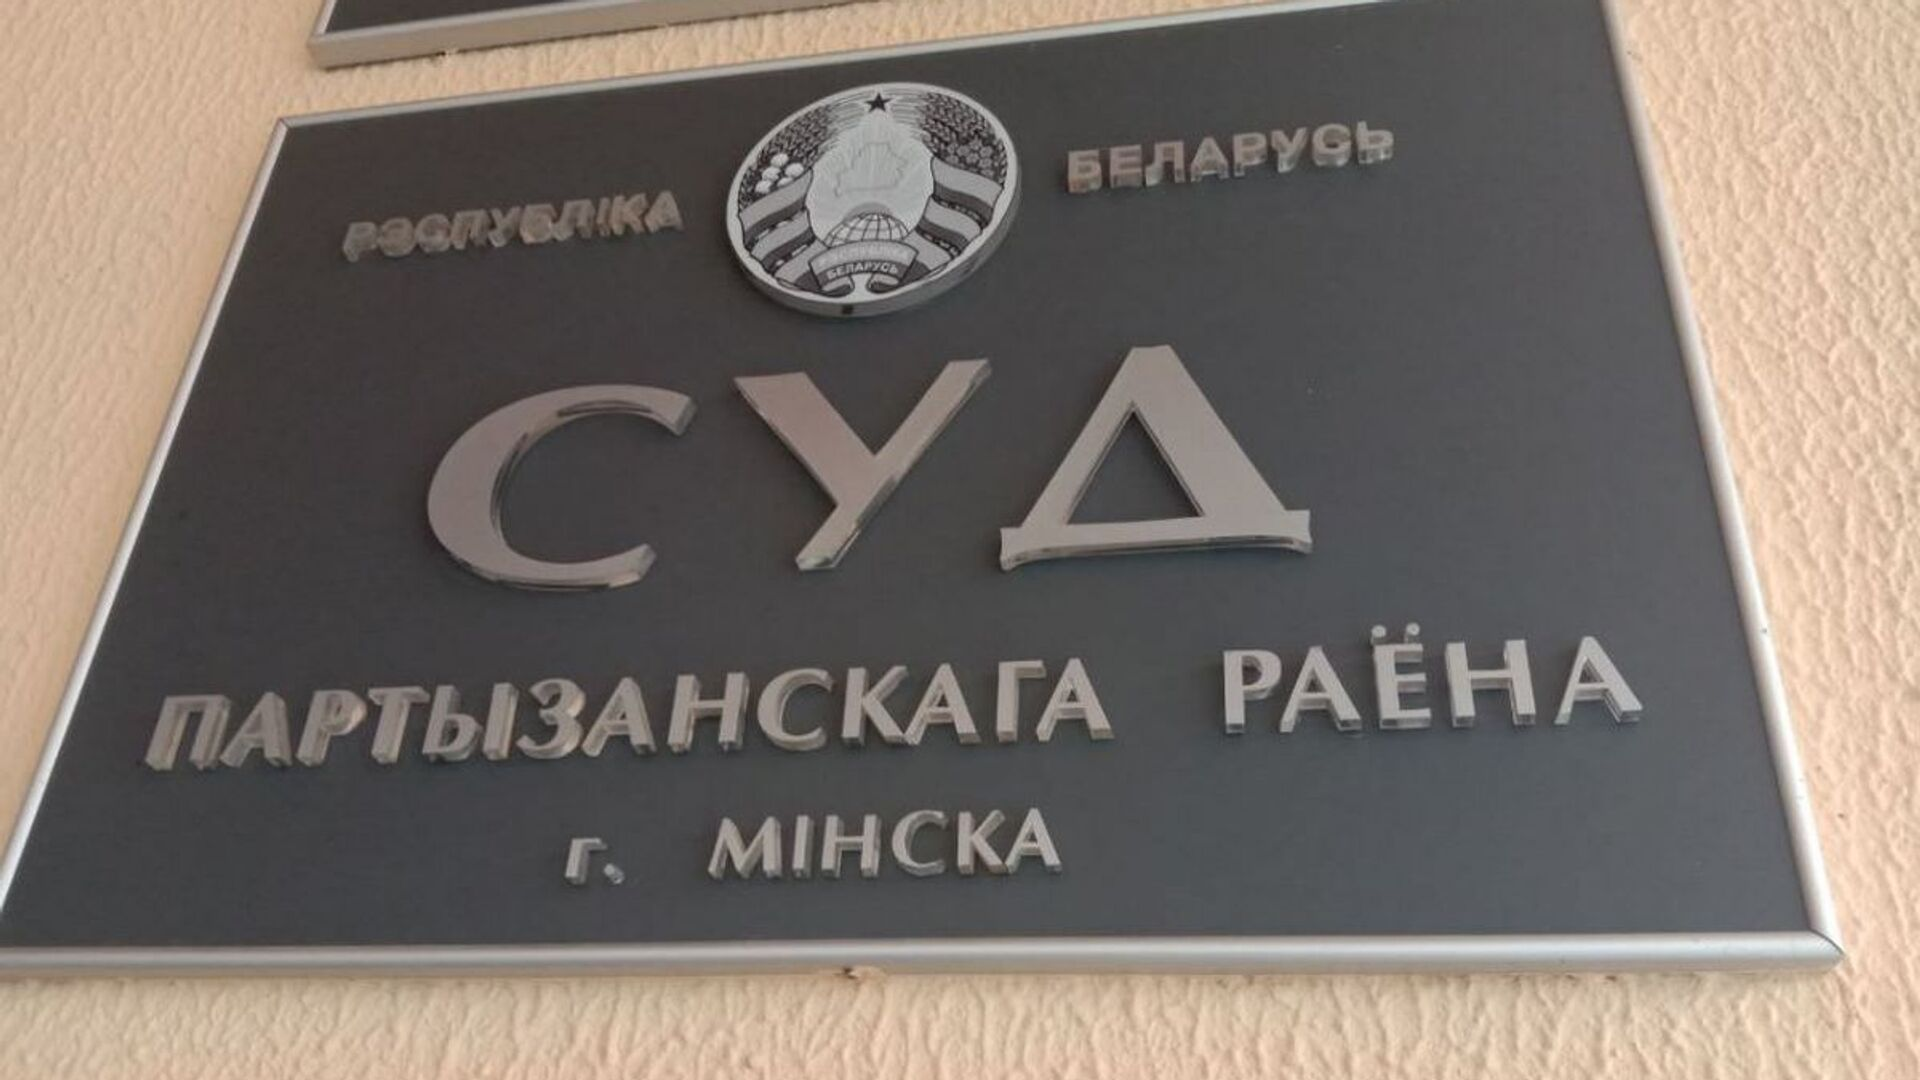 Суд Партизанского района Минска - Sputnik Беларусь, 1920, 13.10.2021